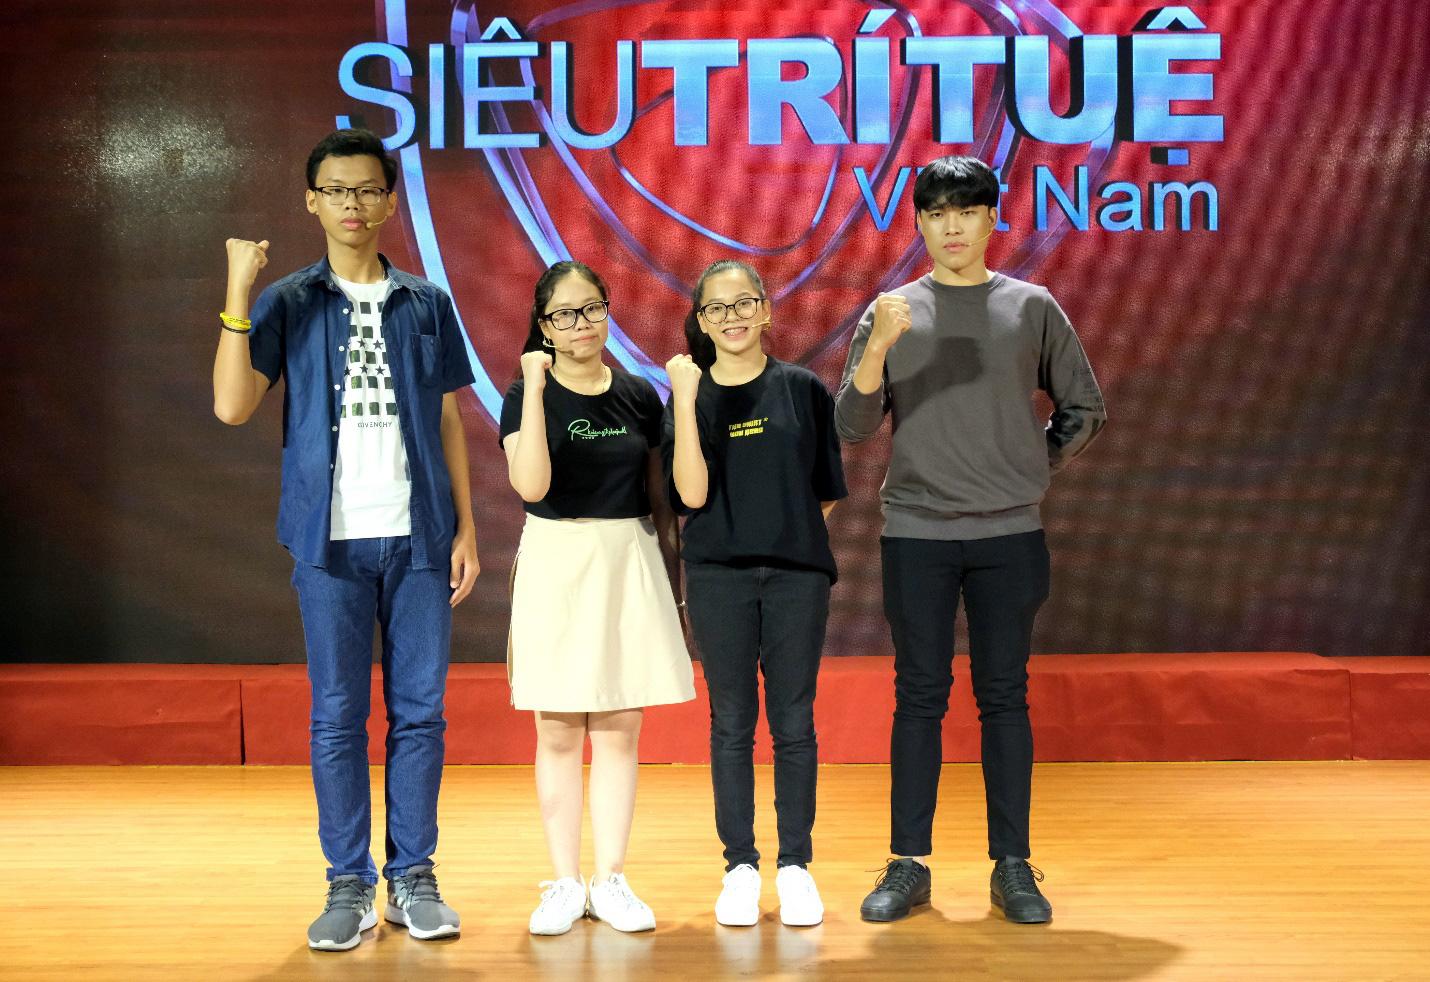 Dàn siêu trí tuệ quốc tế và Việt Nam bất ngờ hội ngộ khiến fan Việt vỡ òa - Ảnh 8.